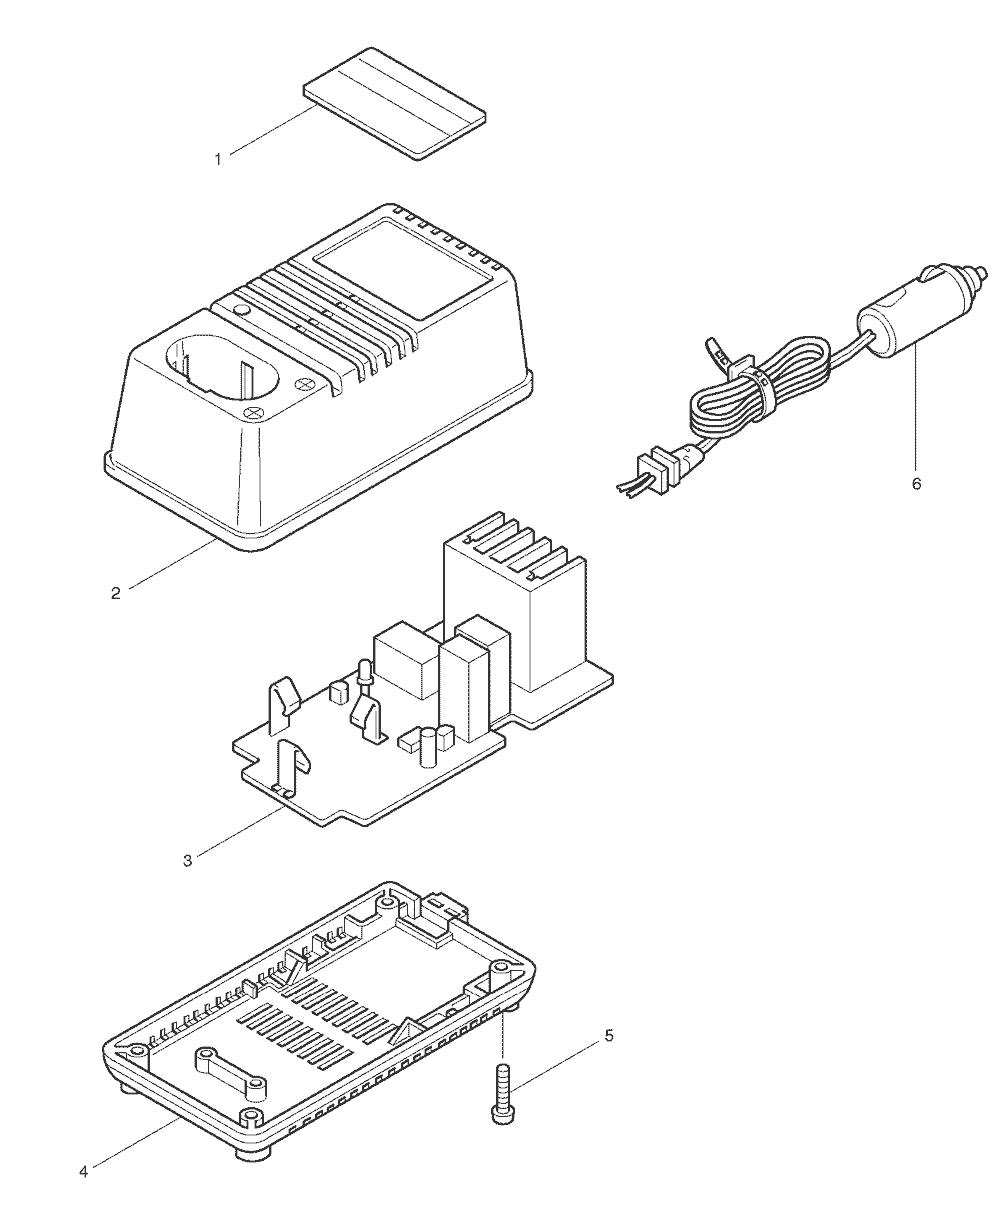 makita battery charger wiring diagram buy makita dc7112 replacement tool parts | makita dc7112 ...